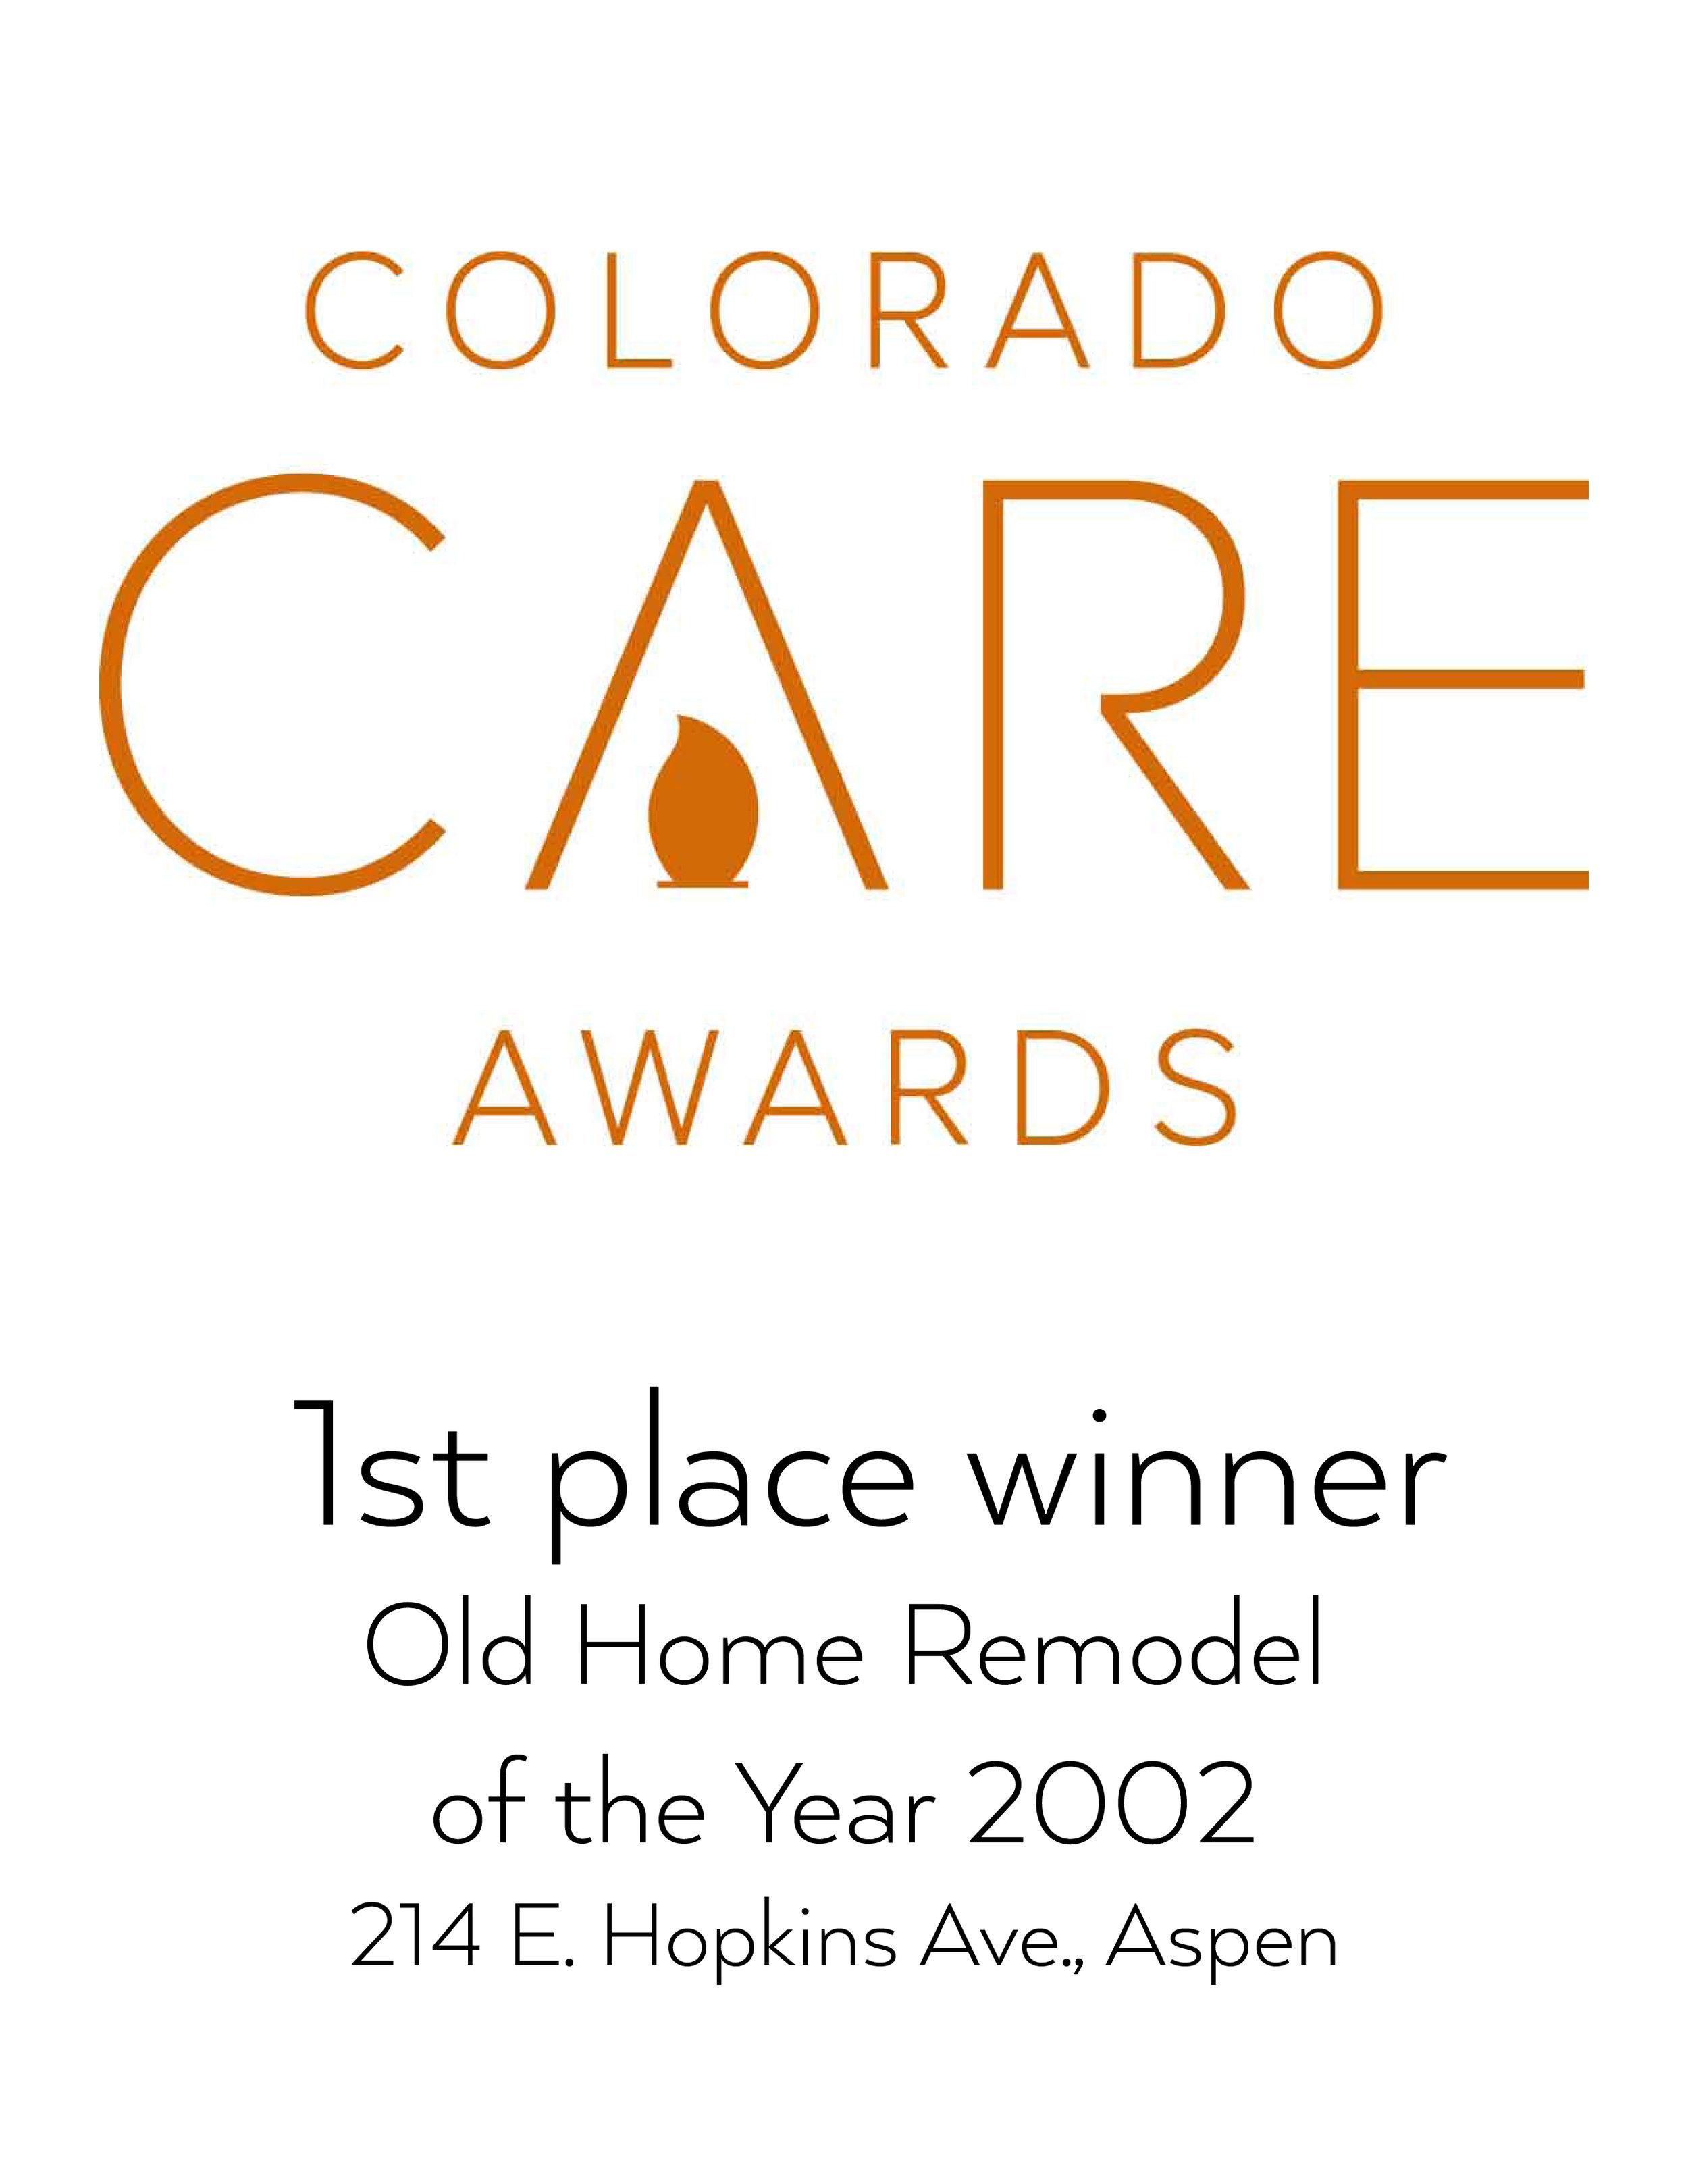 awards rcc aspen.jpg